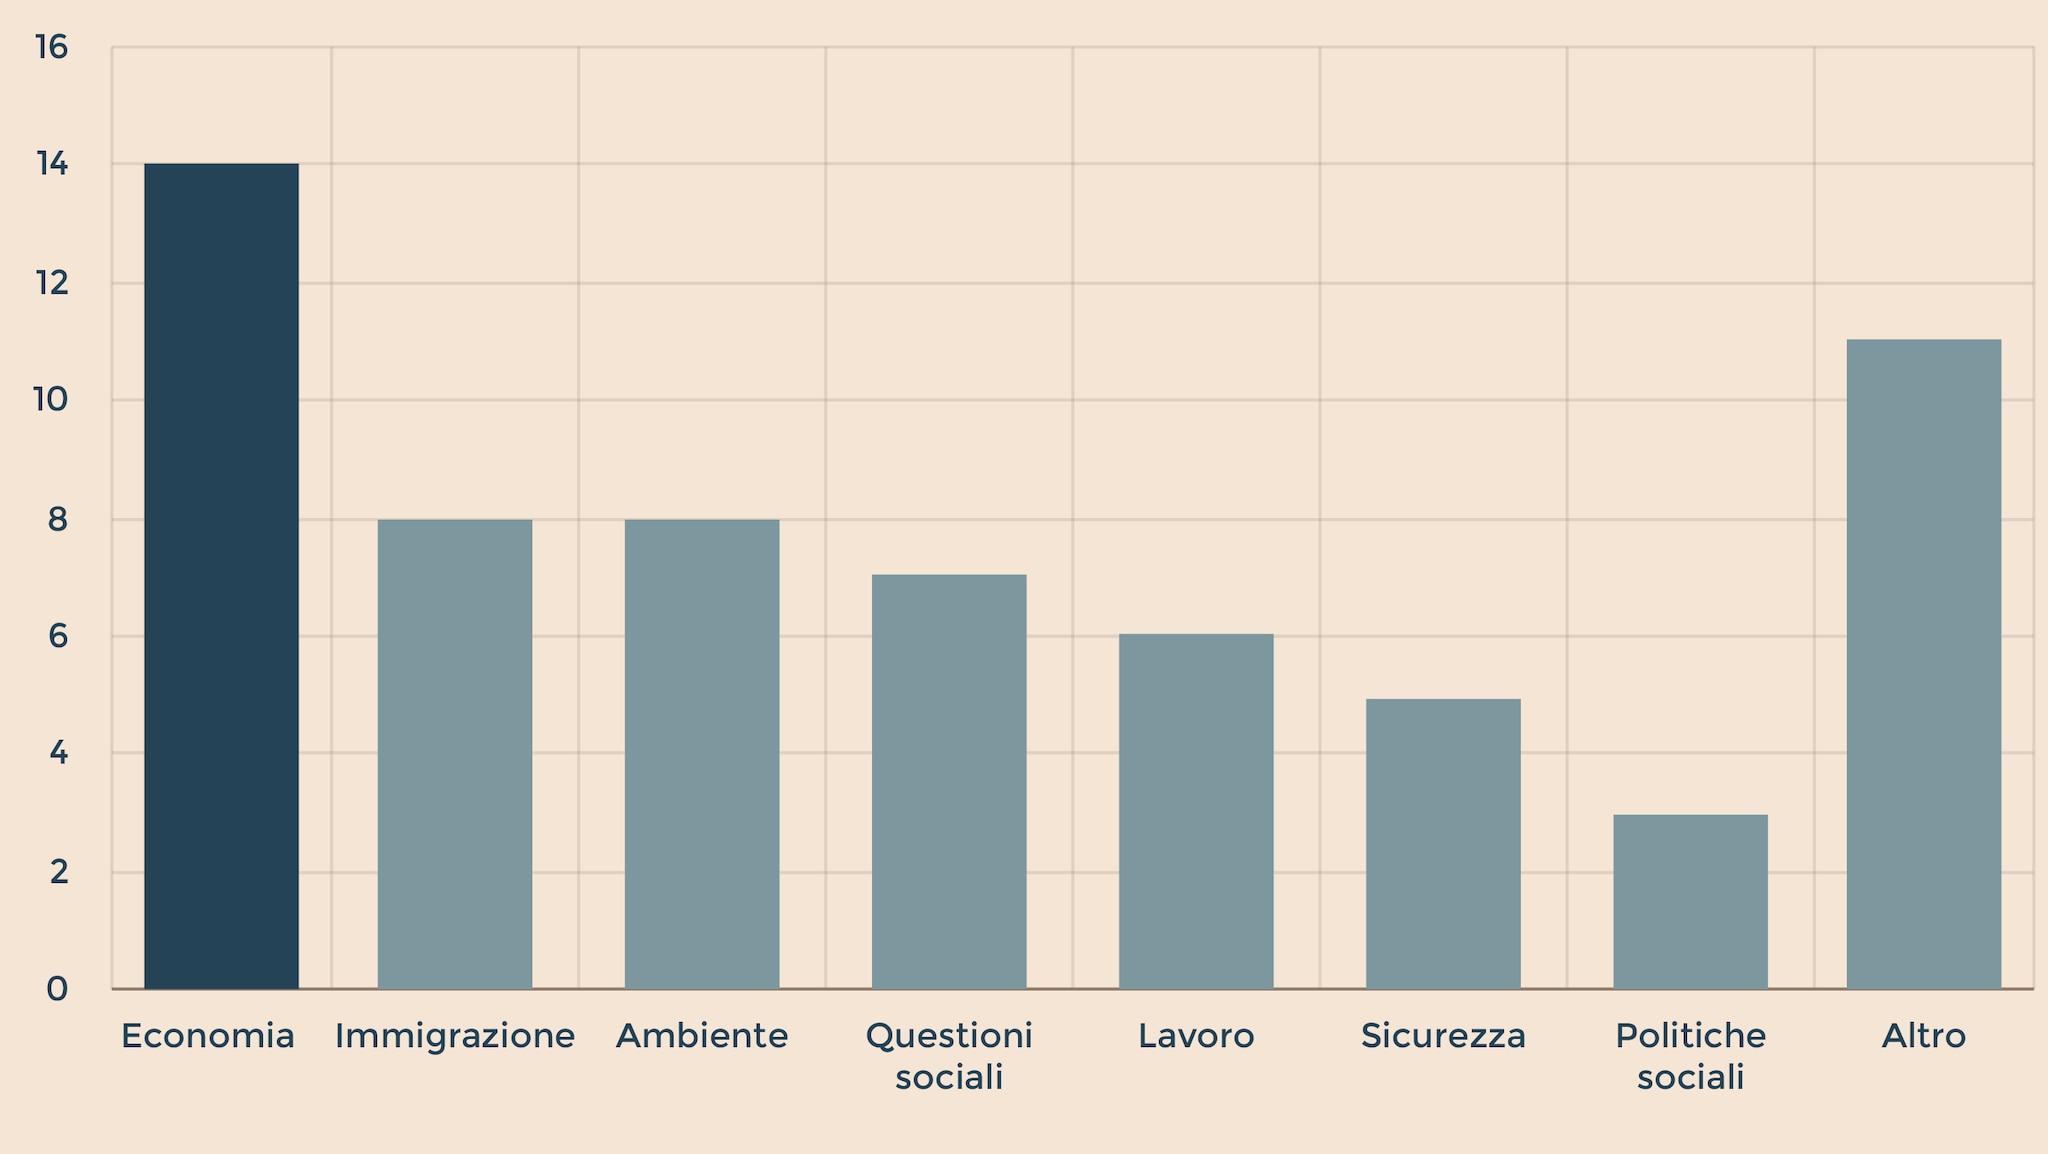 QUALI SONO I TEMI PIÙ DIBATTUTI NELLA CAMPAGNA ELETTORALE PER LE EUROPEE?